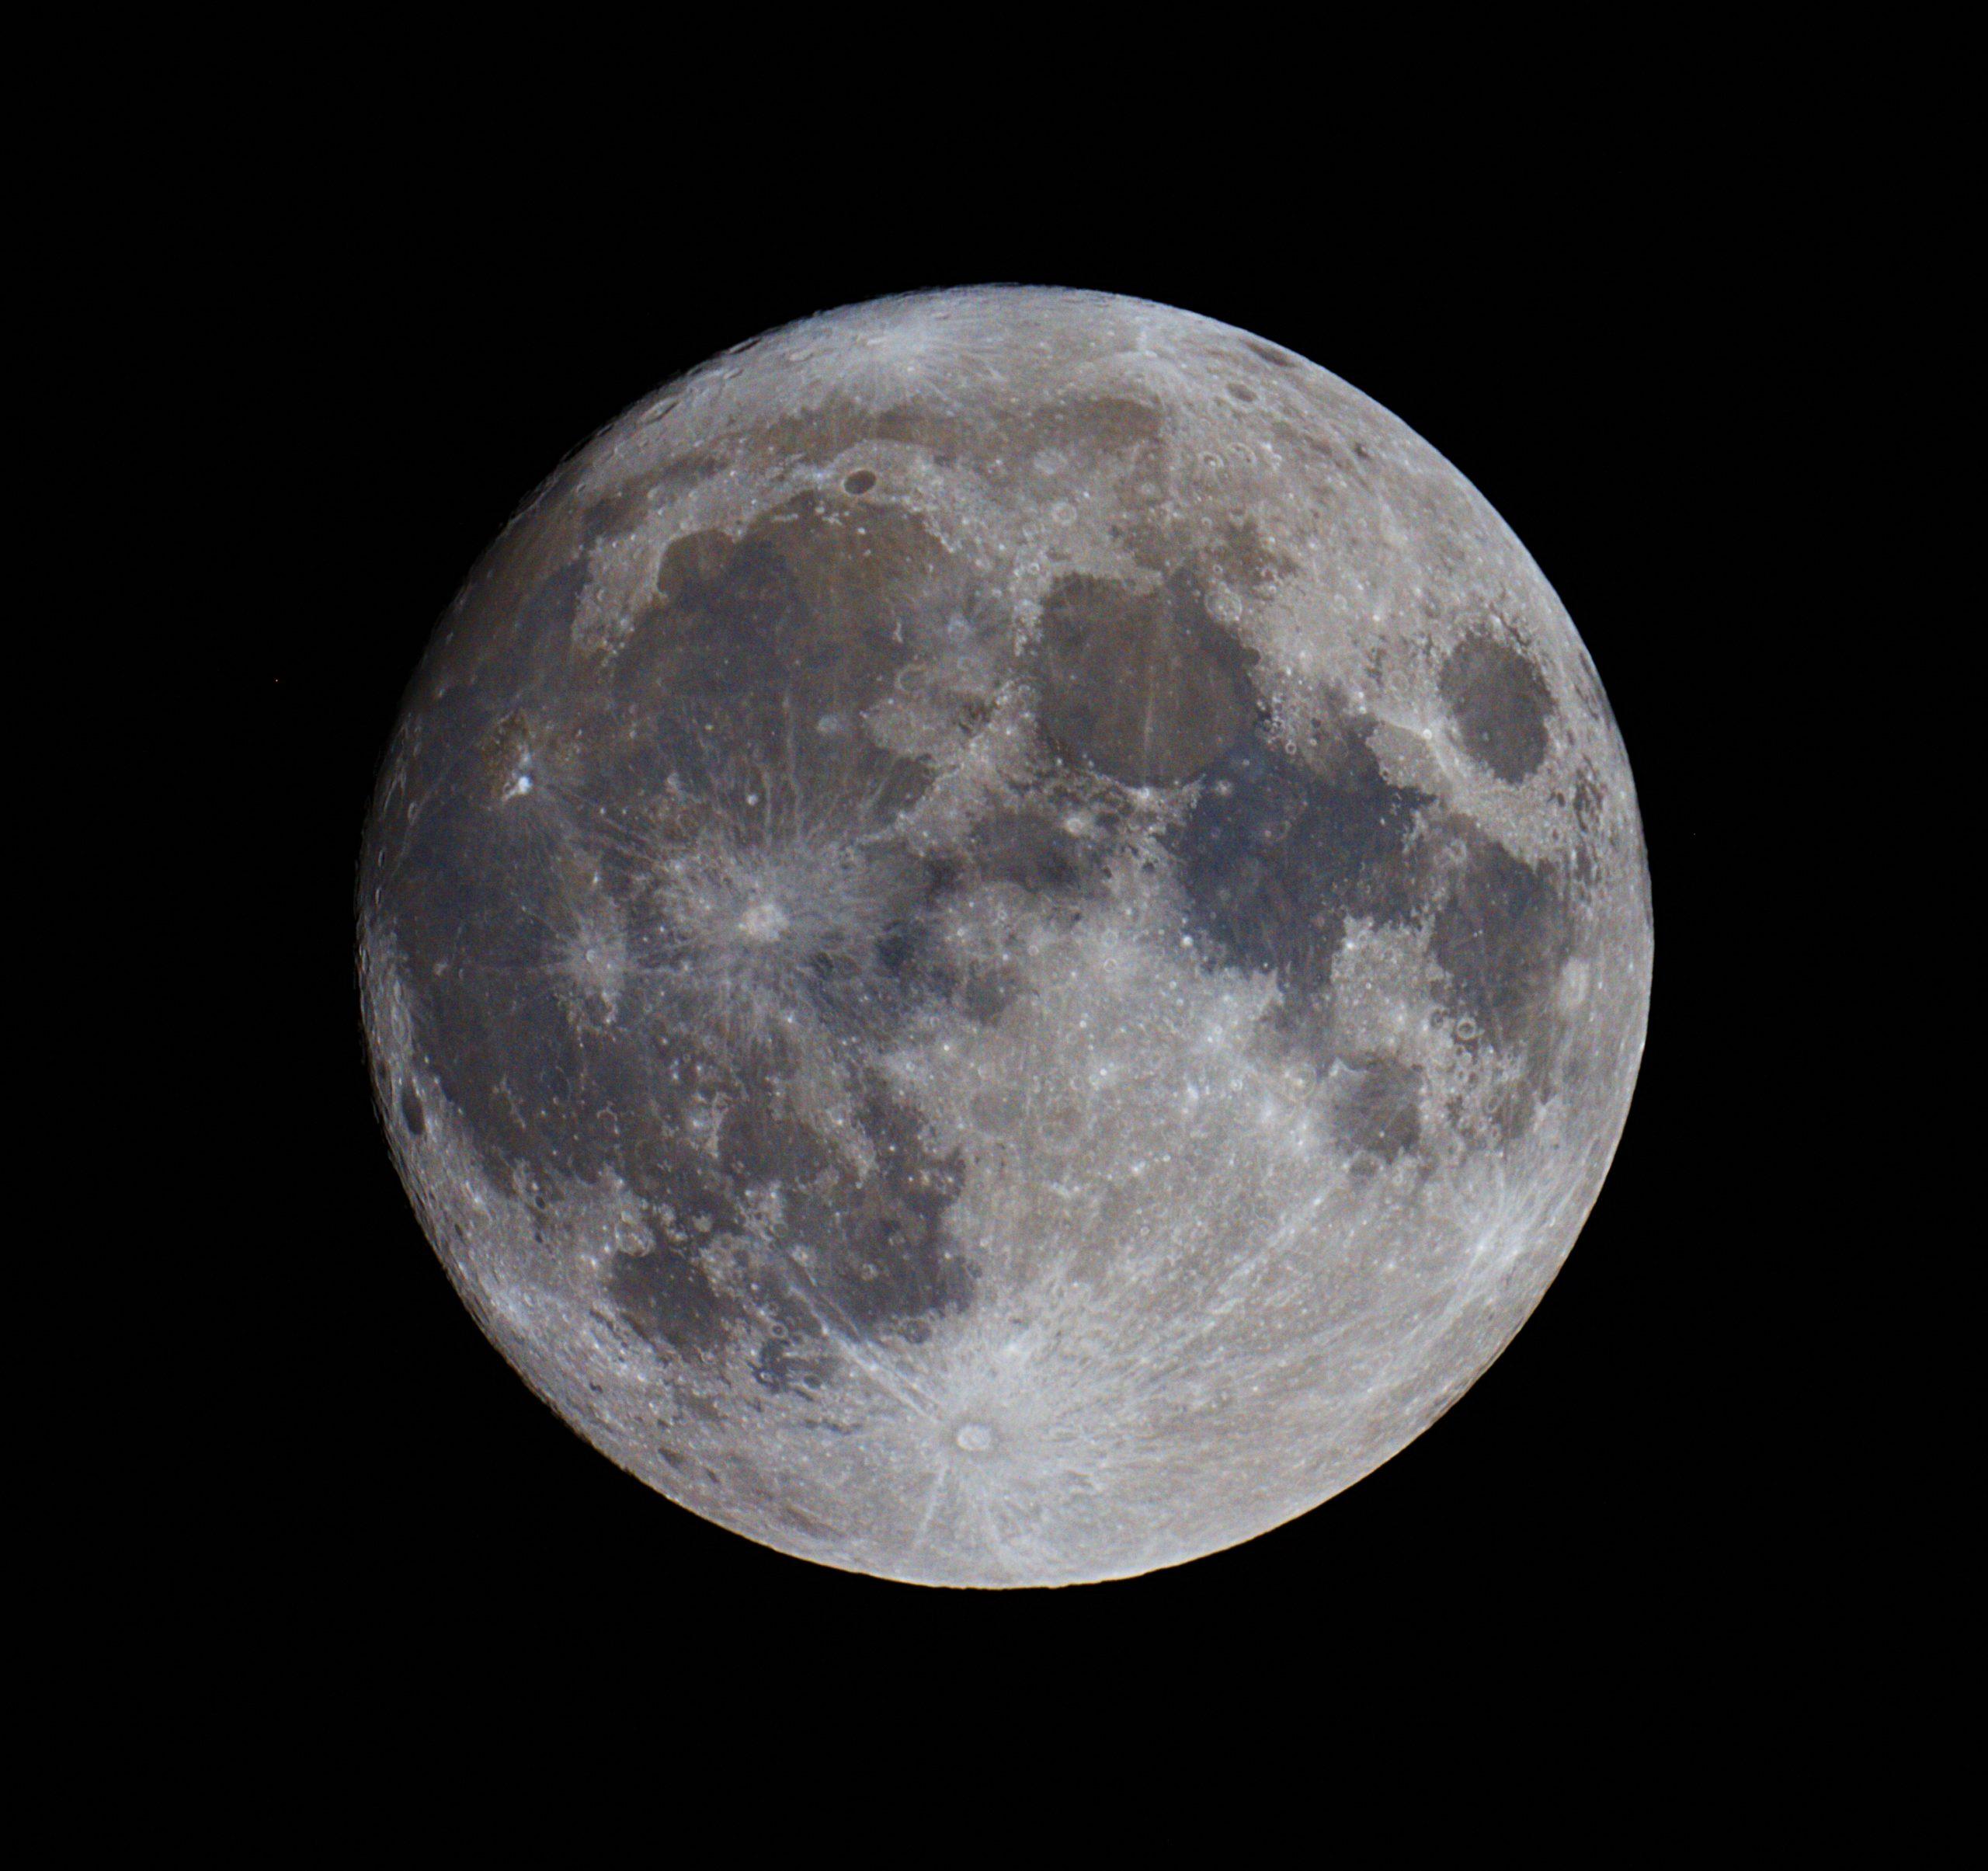 Puur plezier met de kleine maksutov 127 en Canon 5D mk2, de grote boze volle maan waar ik zo'n